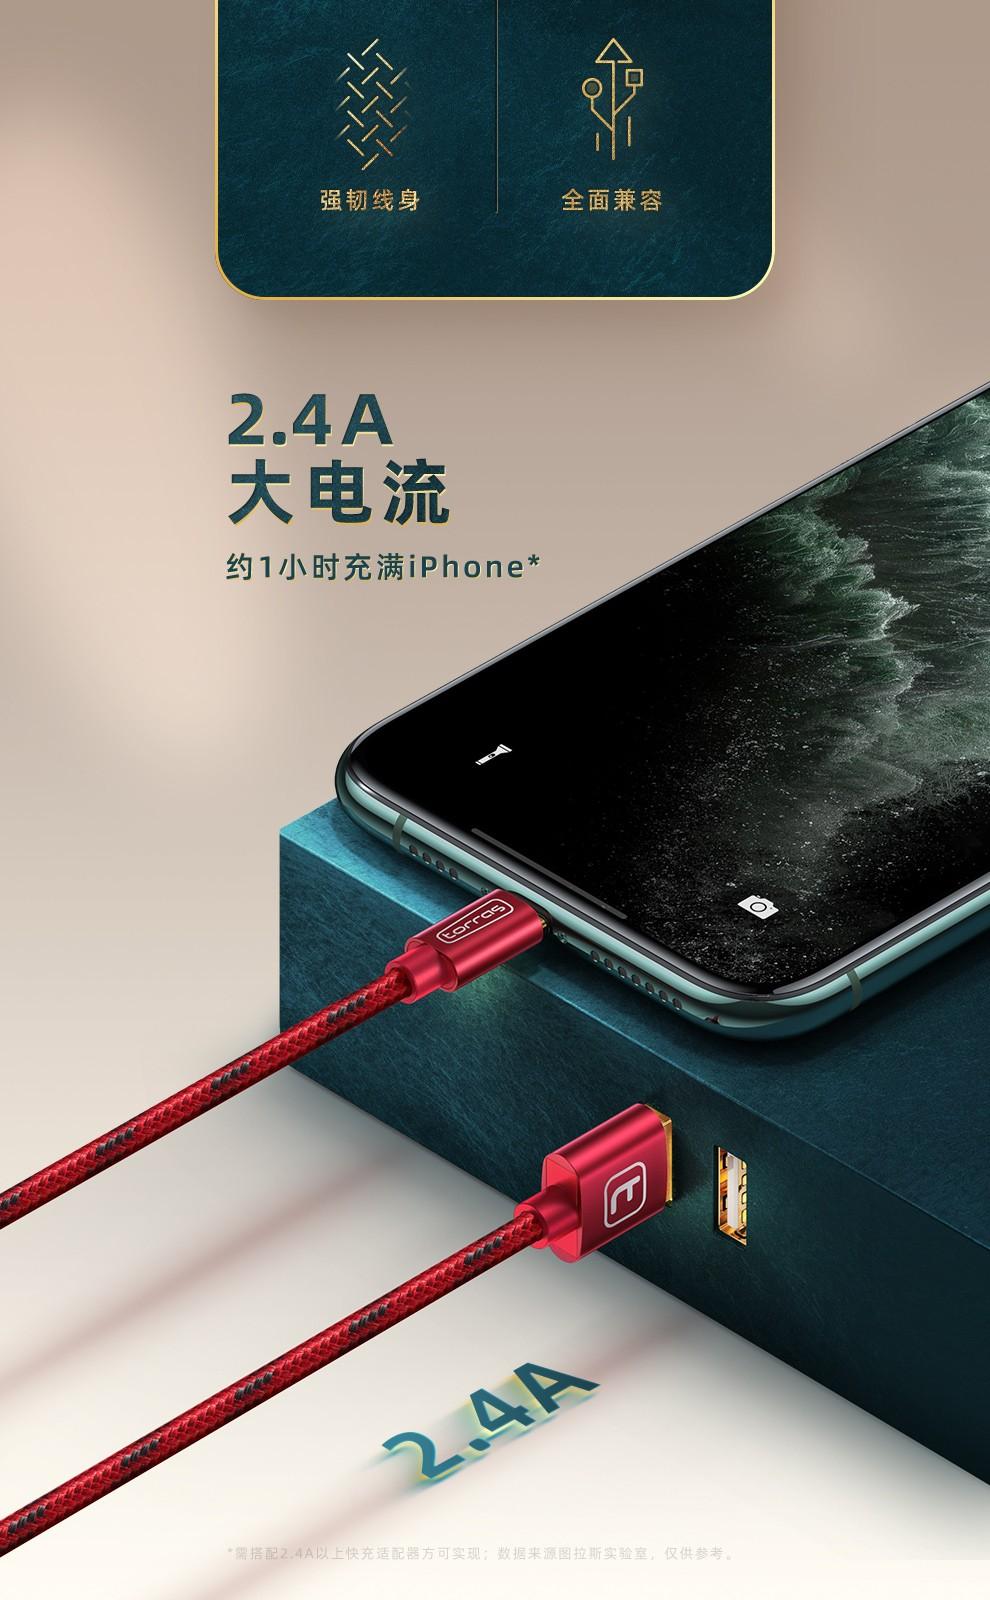 88901-图拉斯 苹果数据线手机快充USB充电器线iPhone 13 Pro Max/12/11/iPad 1.68米【快不伤机丨耐用不弹窗】-详情图